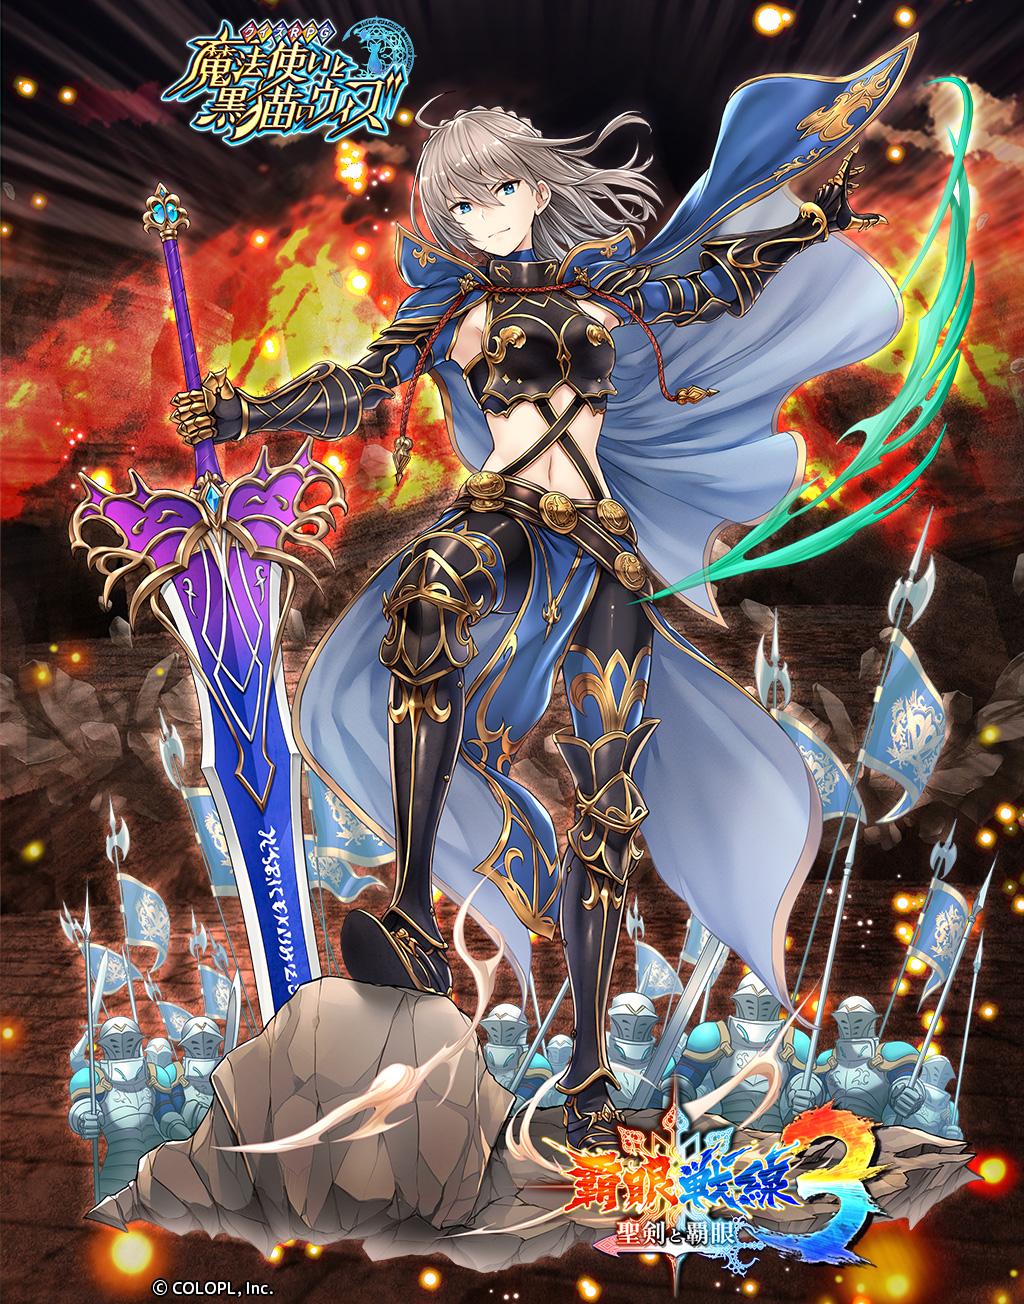 覇眼戦線3 聖剣と覇眼 クイズrpg 魔法使いと黒猫のウィズ 公式